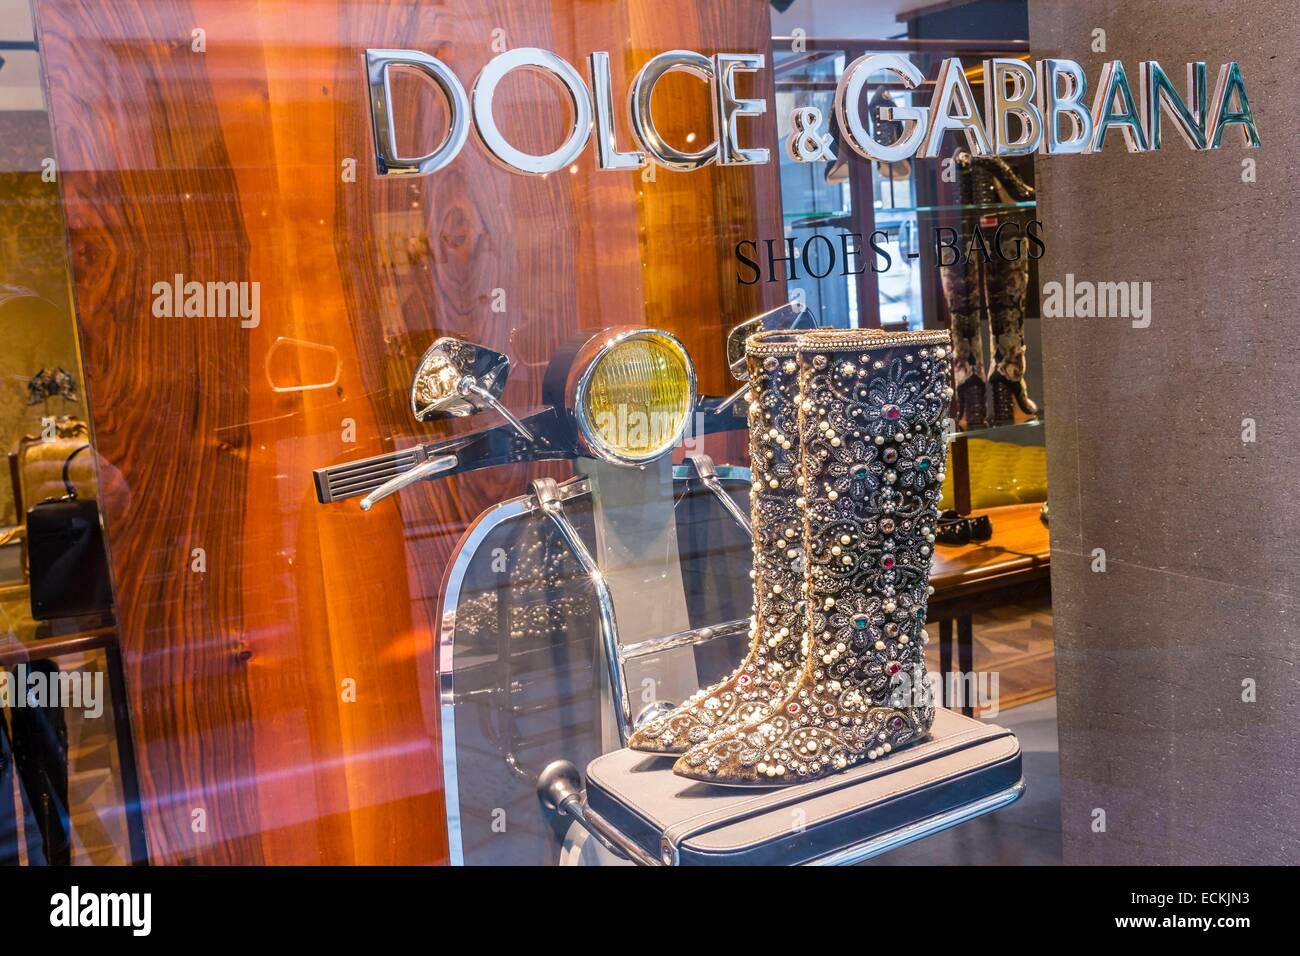 Italy, Lombardy, Milan, via Della Spiga street, Dolce & Cabbana shop - Stock Image